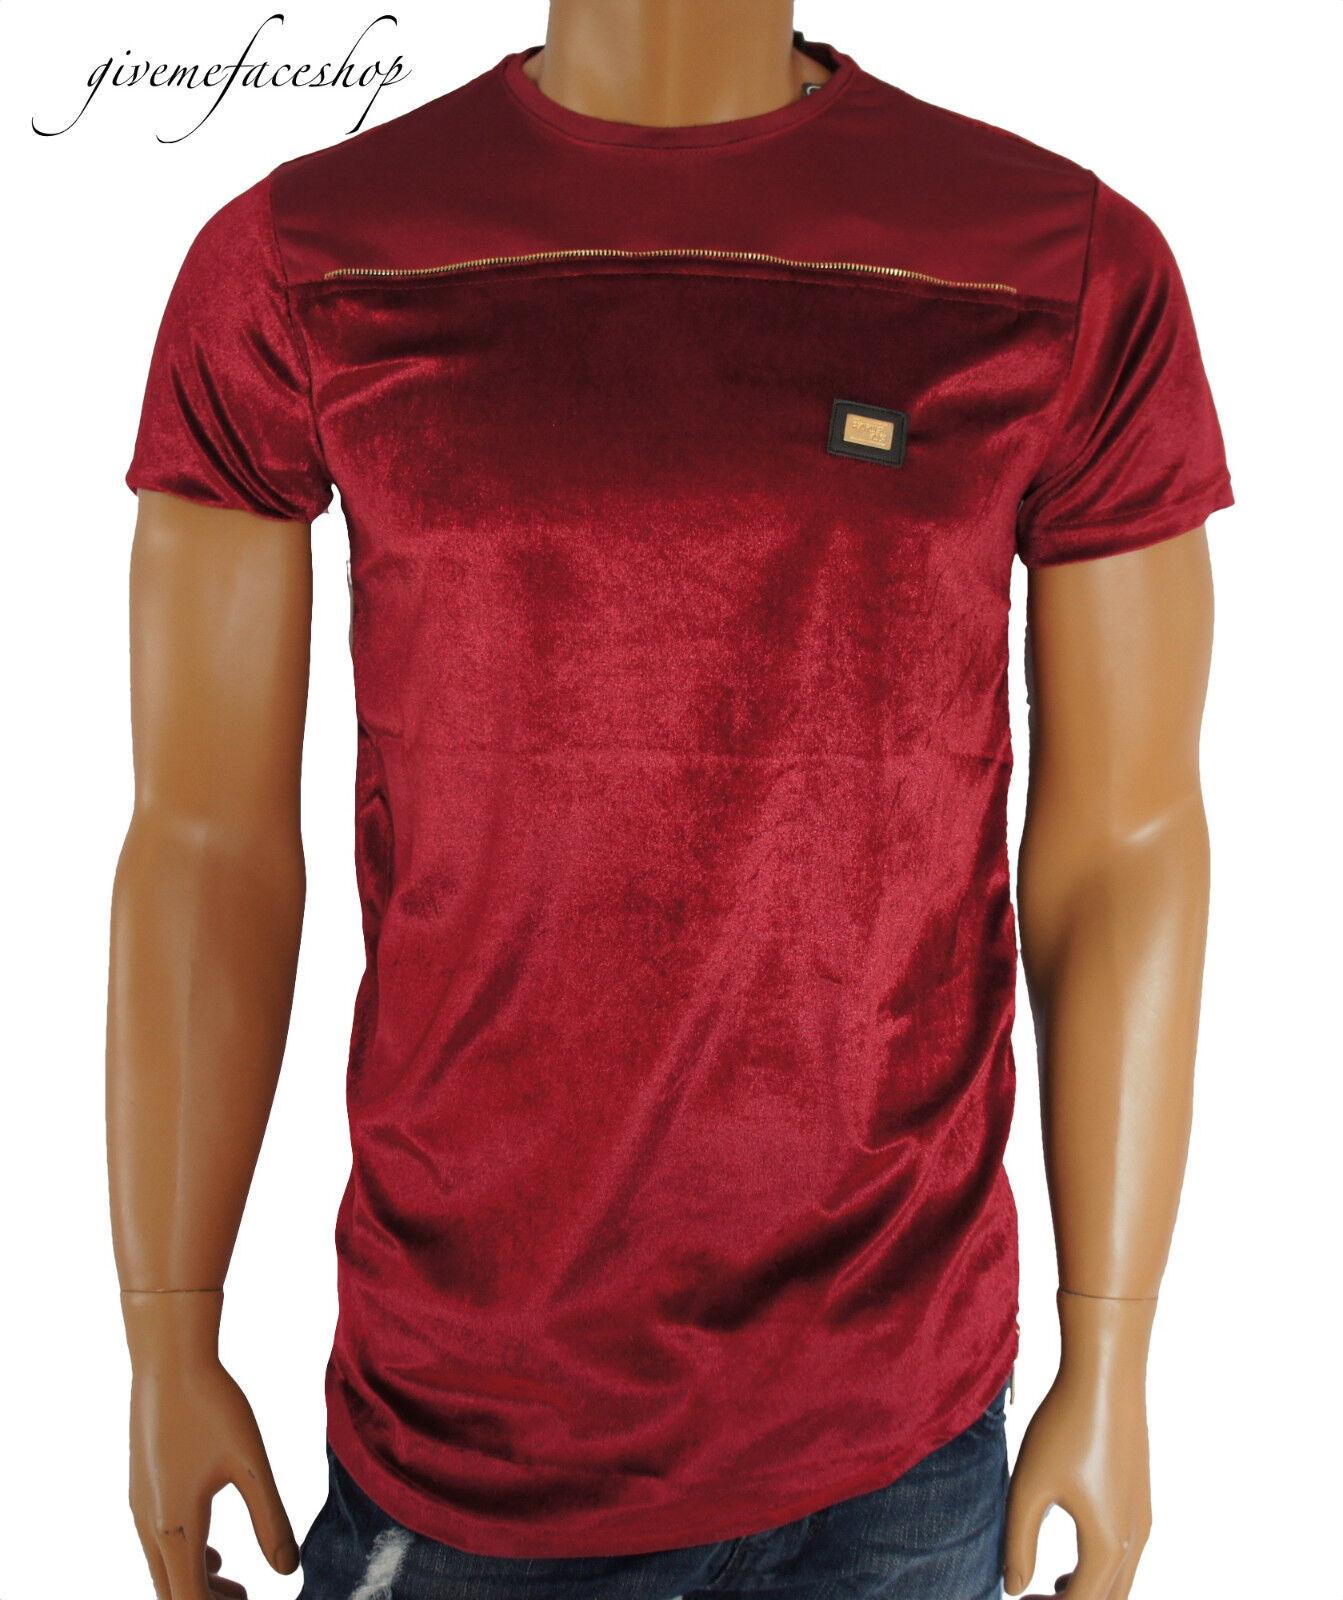 d5f932ec Time is g zip, club t shirts, mens hip hop star tees bling, S-4xl velour  Money norwxj3210-T-Shirts